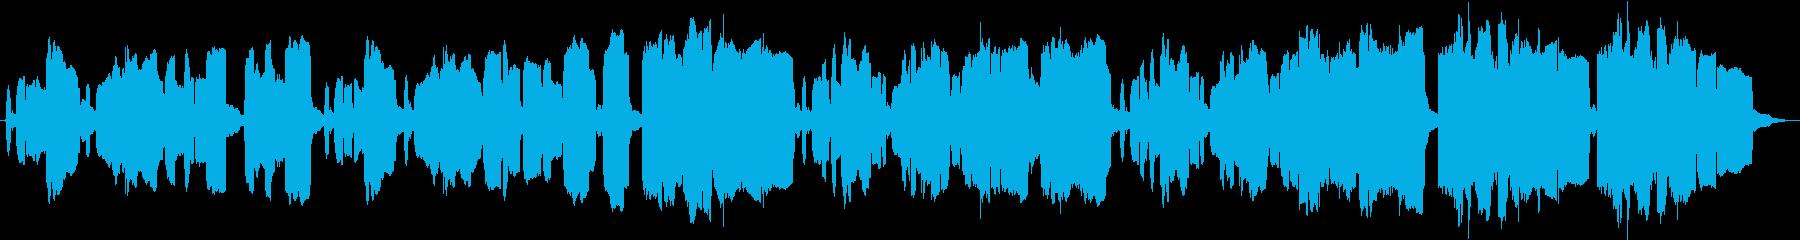 リコーダーでもの悲しく表現した短い曲の再生済みの波形